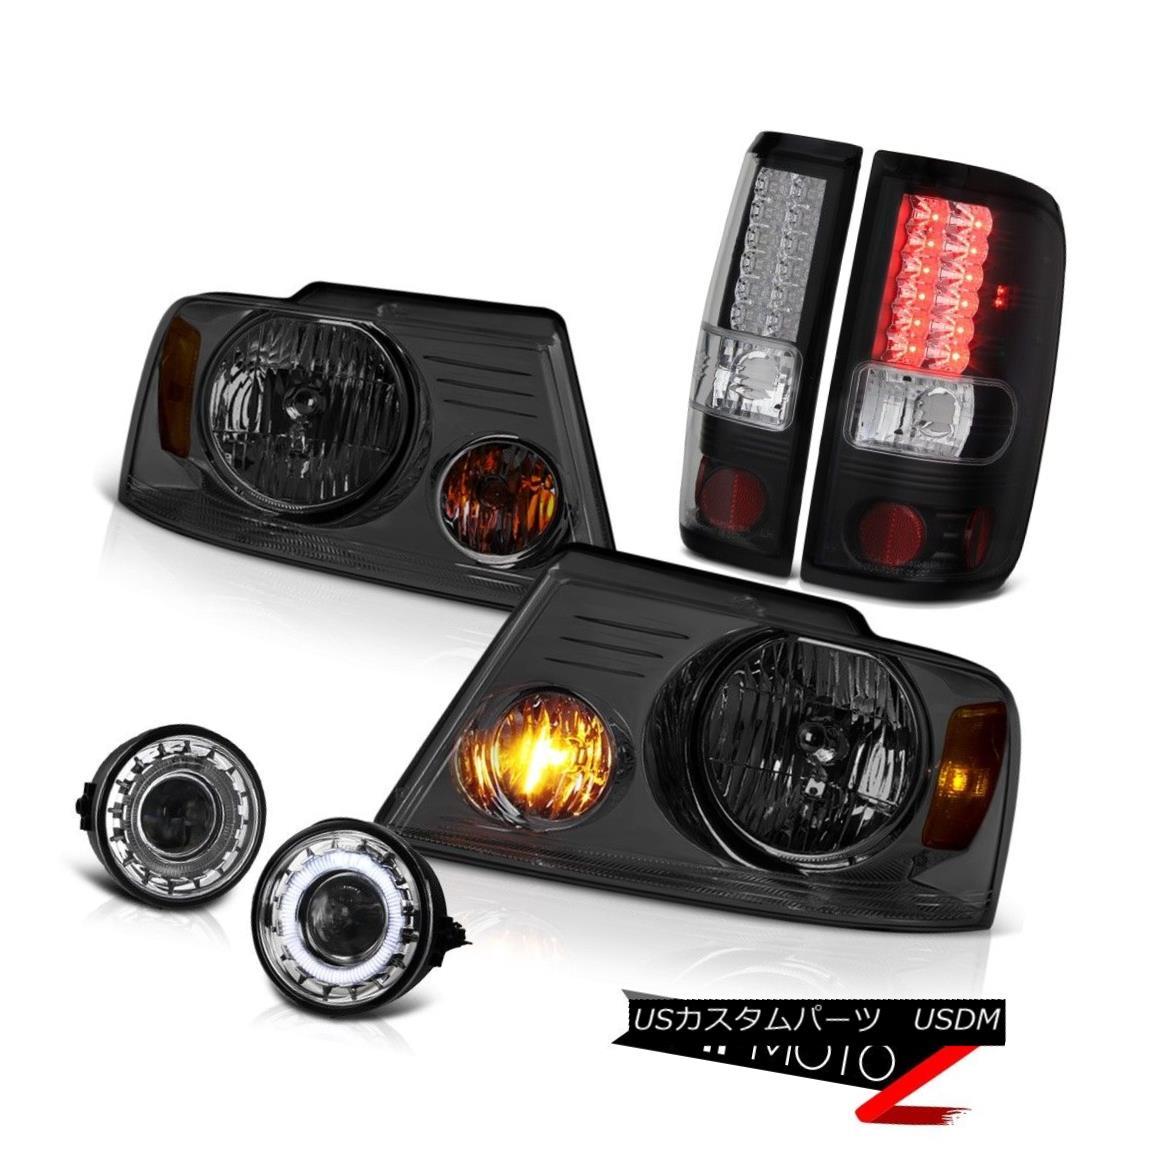 ヘッドライト Smoke Headlights LED Black Tail Lights Halo Projector Foglights 2006-2008 F150 煙ヘッドライトLEDブラックテールライトヘイロープロジェクターフォグライト2006-2008 F150